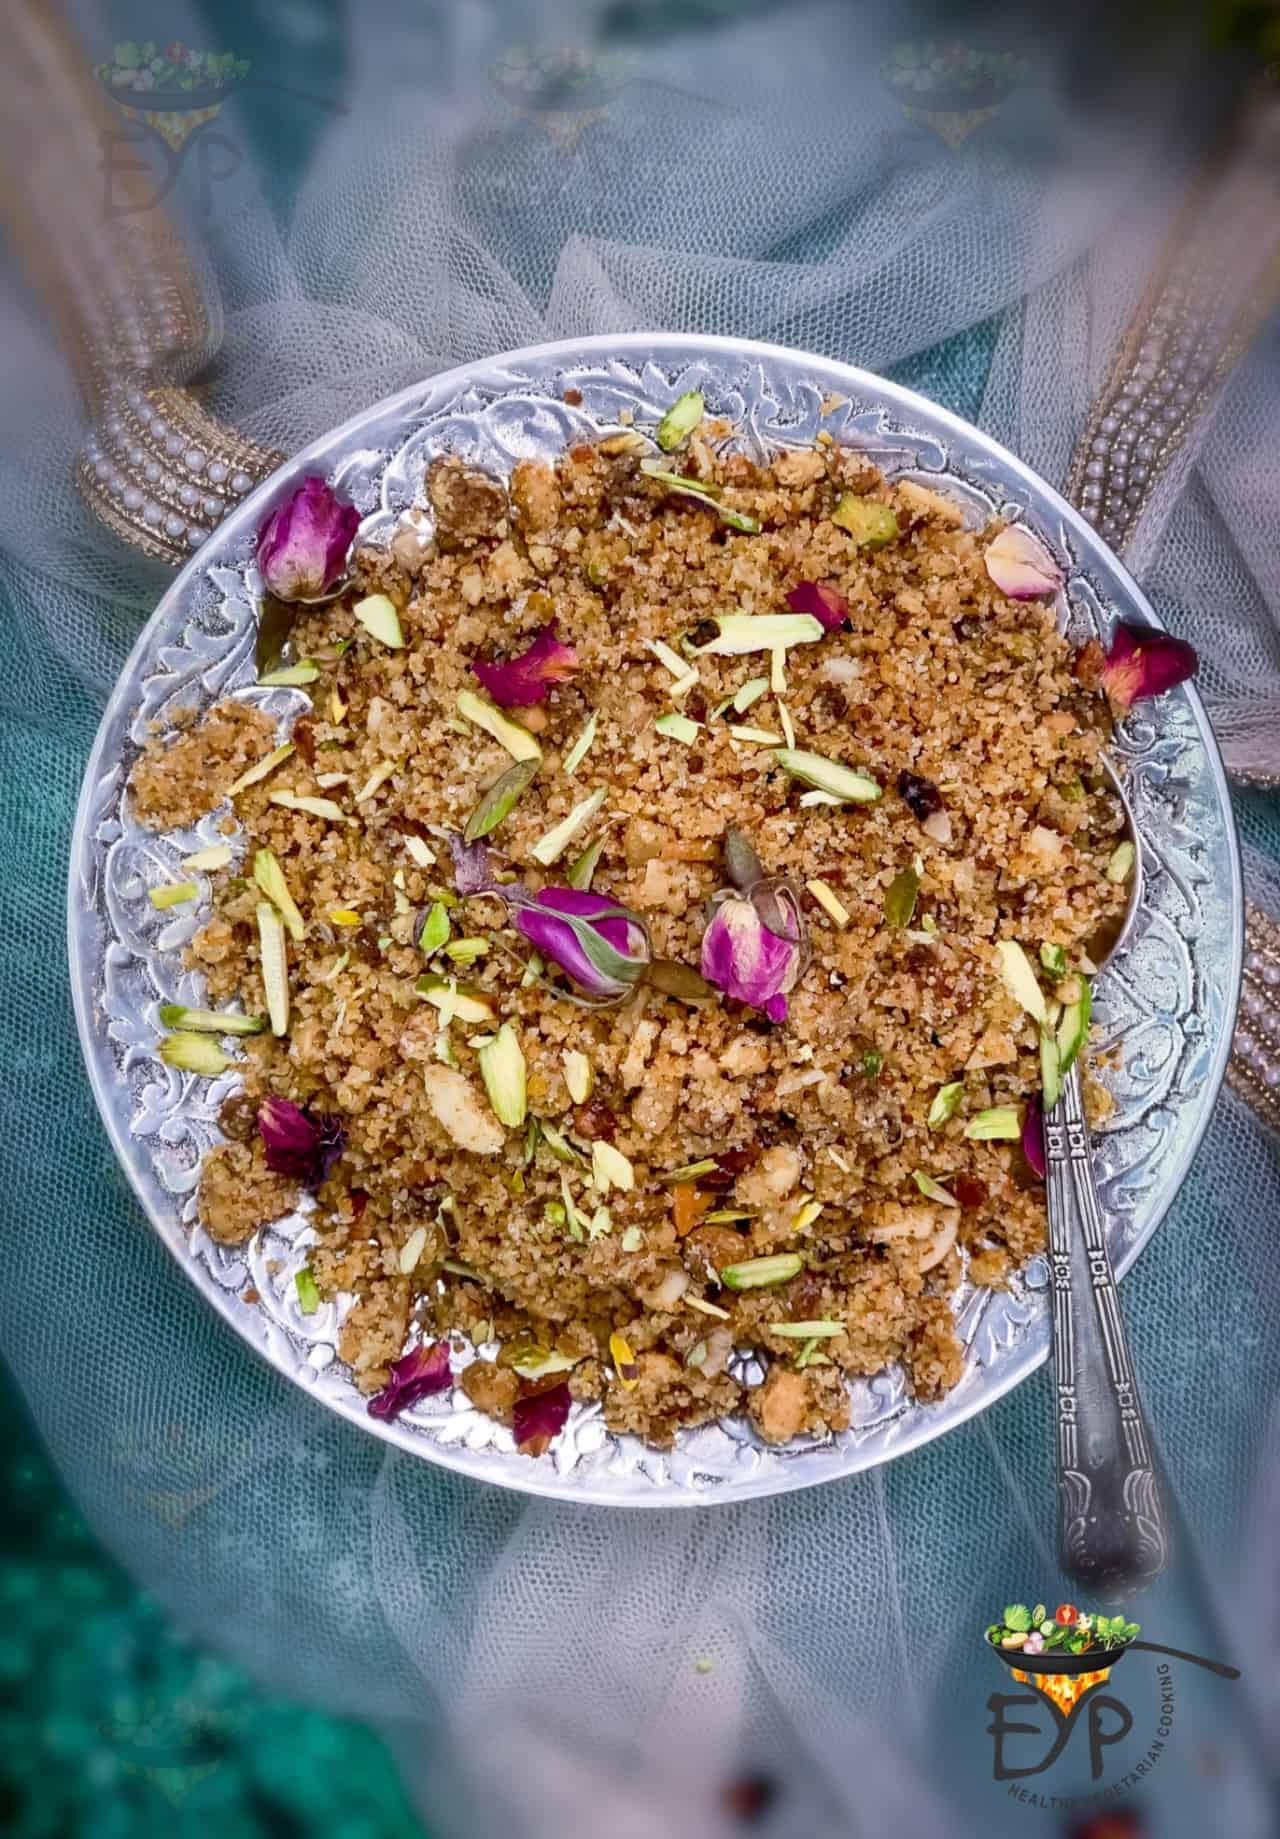 Churma made from baked bati